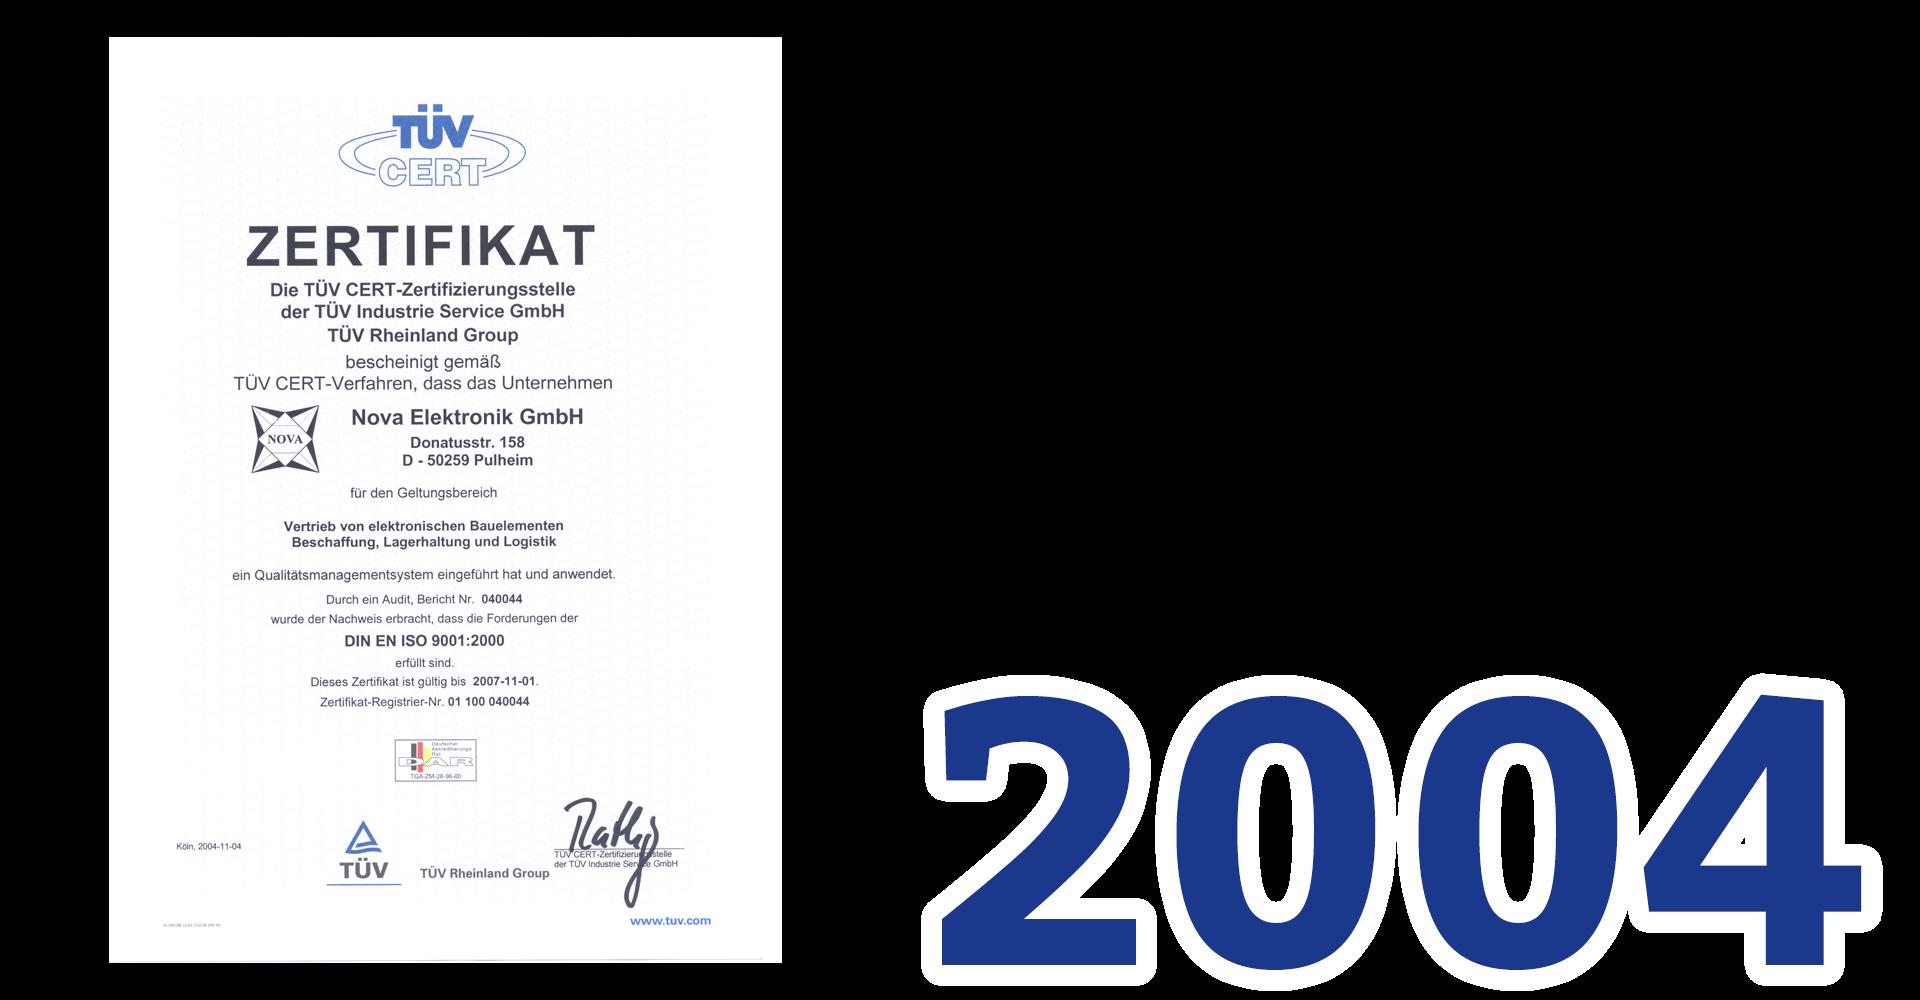 NOVA Elektronik 2004